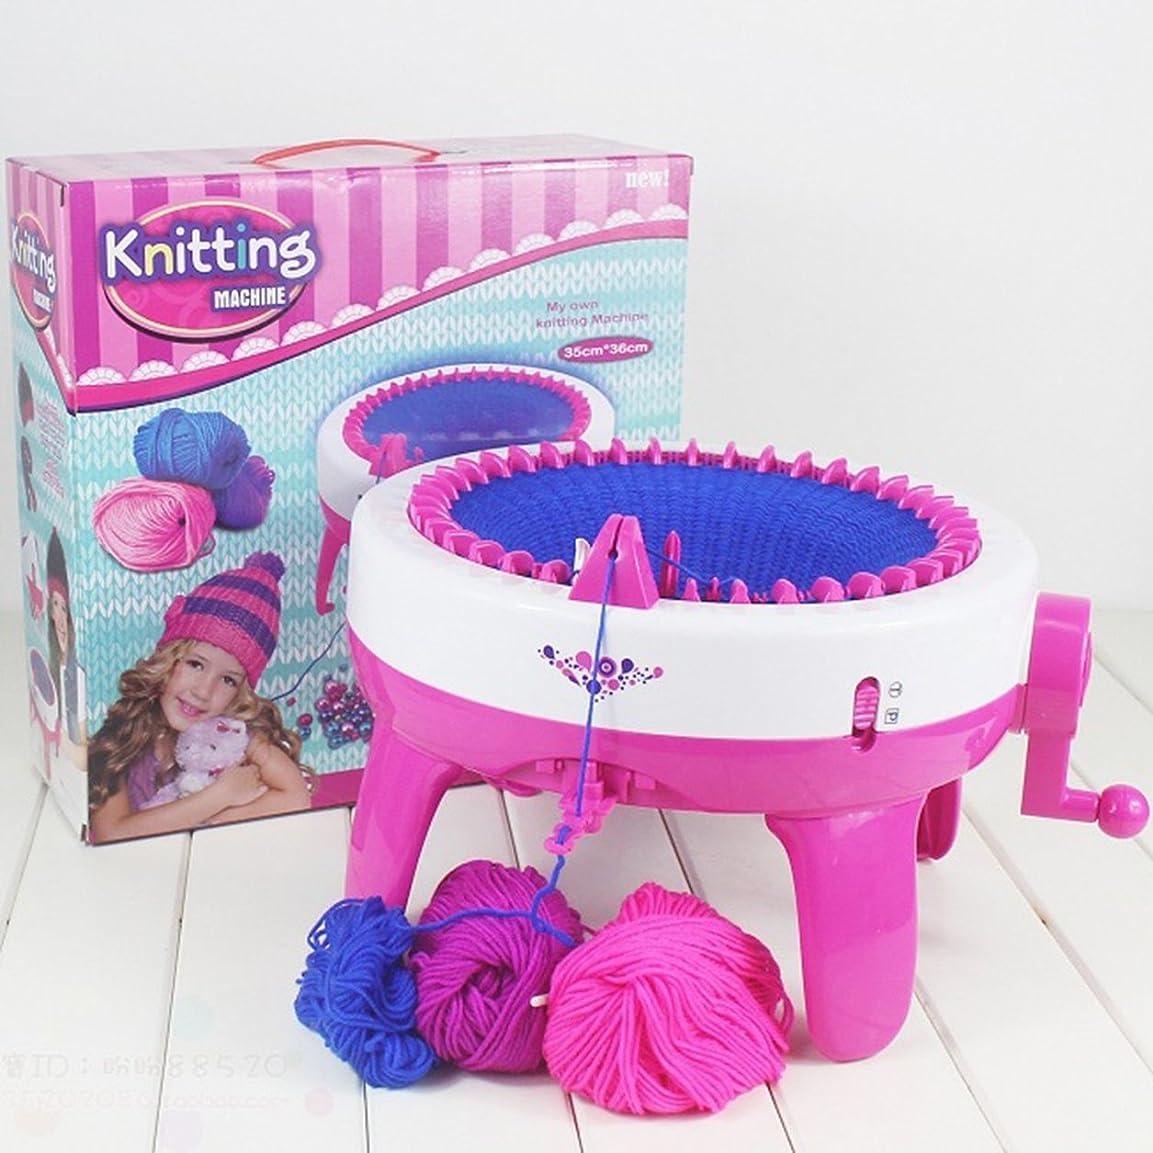 定常タイヤドックSaikogoods おかしいデザイン子供女の子編機DIYマニュアル帽子スカーフ編み機ニットセーターのおもちゃ子供のための ピンク&ホワイト